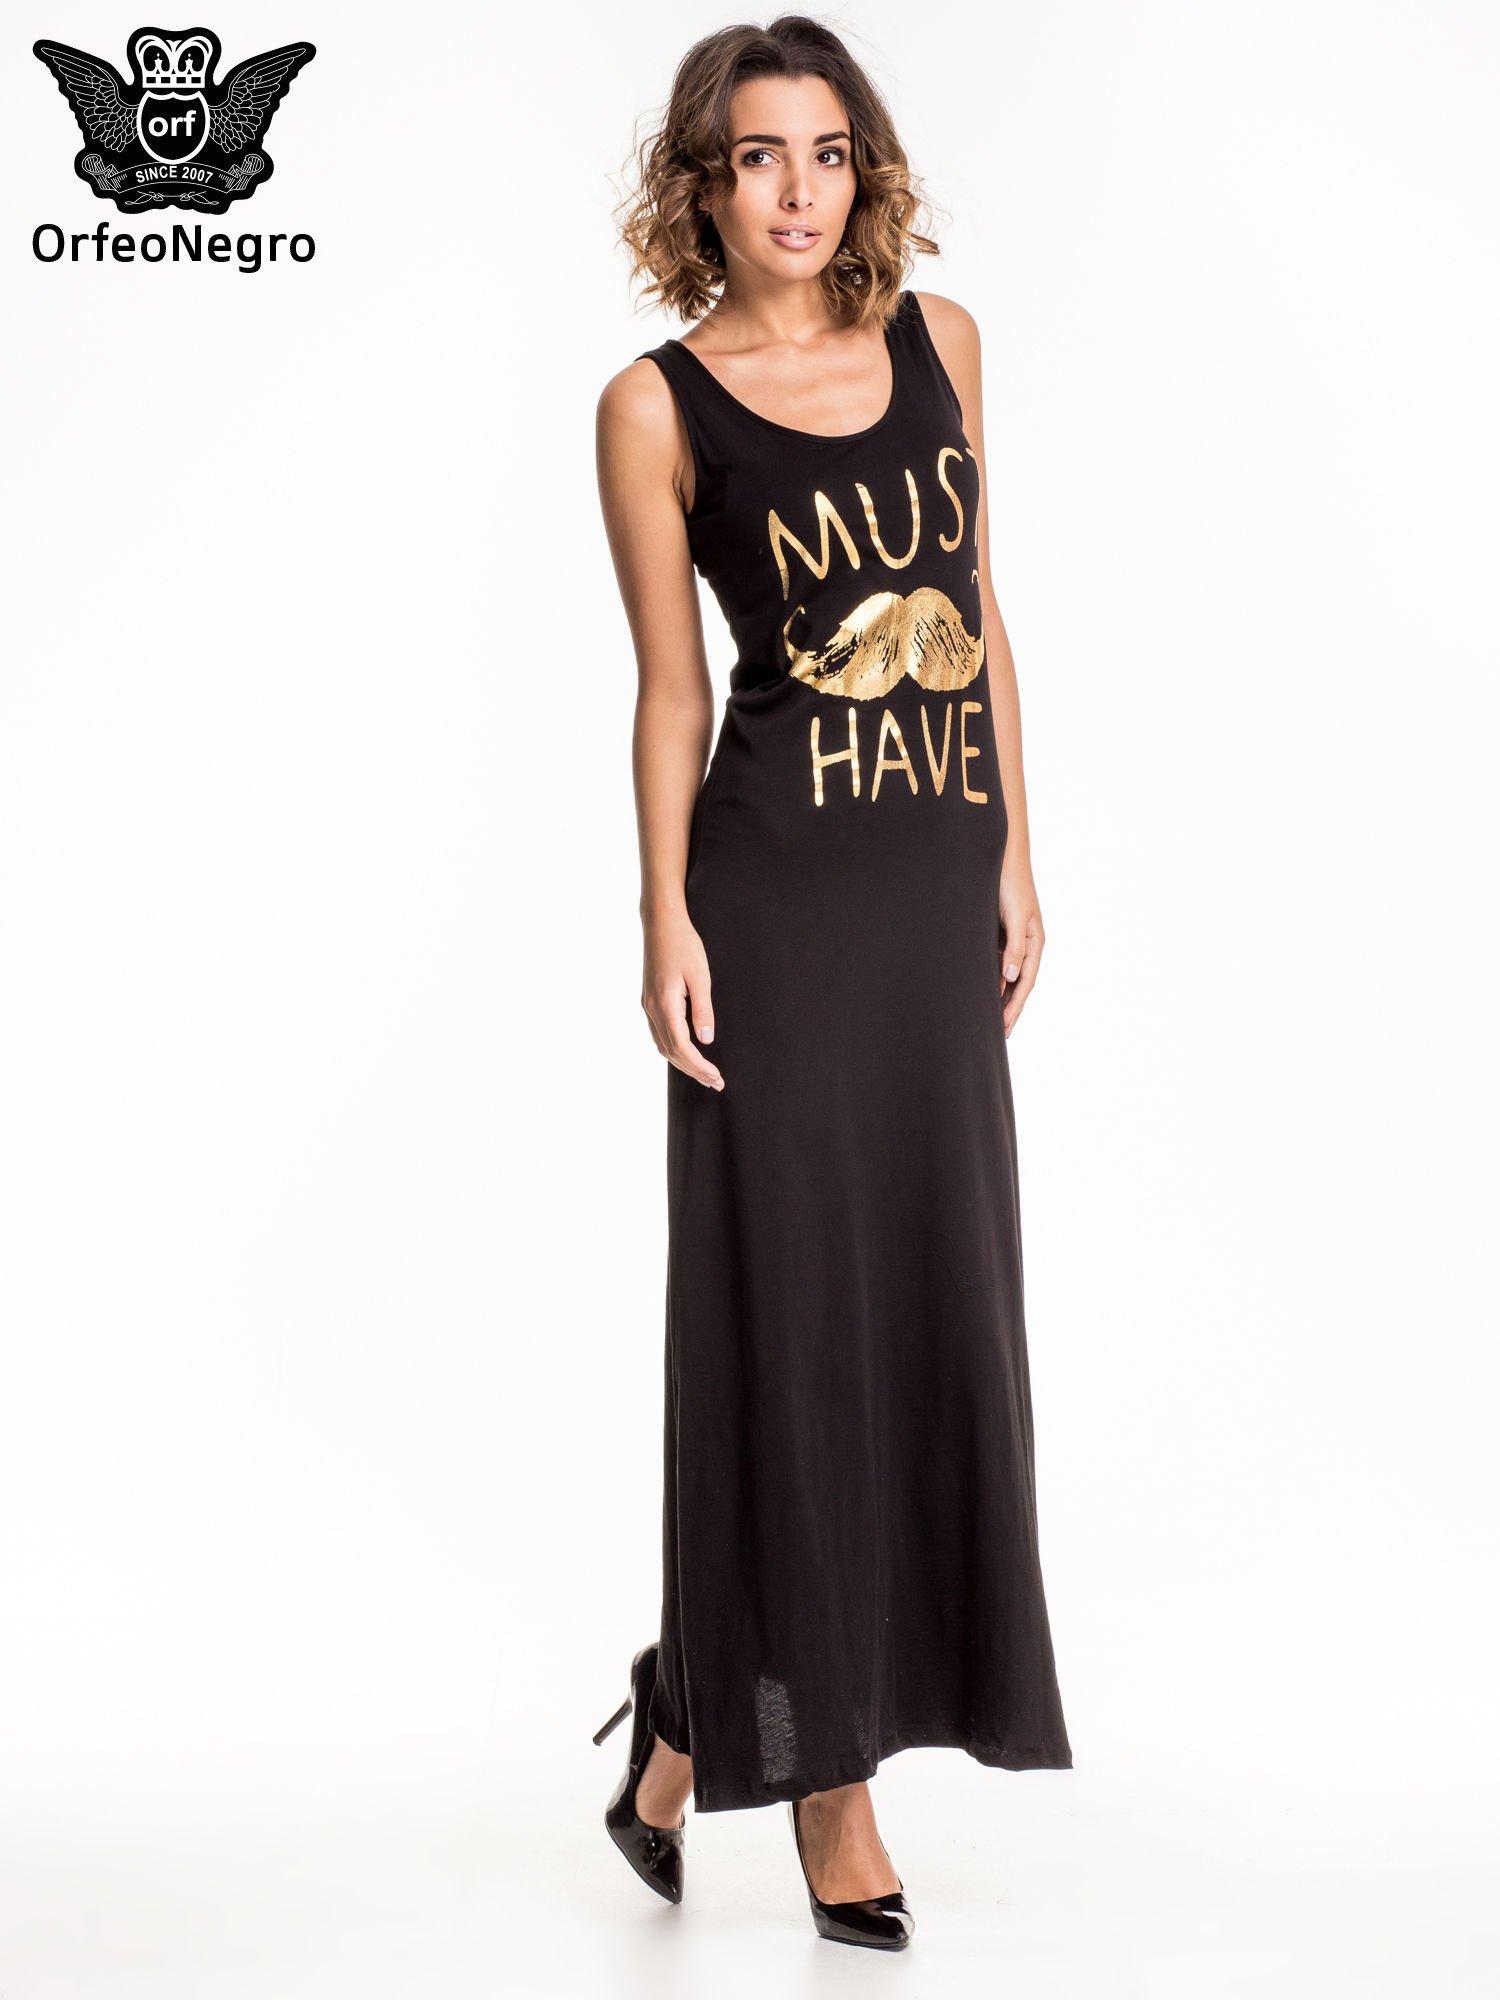 Czarna sukienka maxi z napisem MUST HAVE i motywem moustache                                  zdj.                                  2